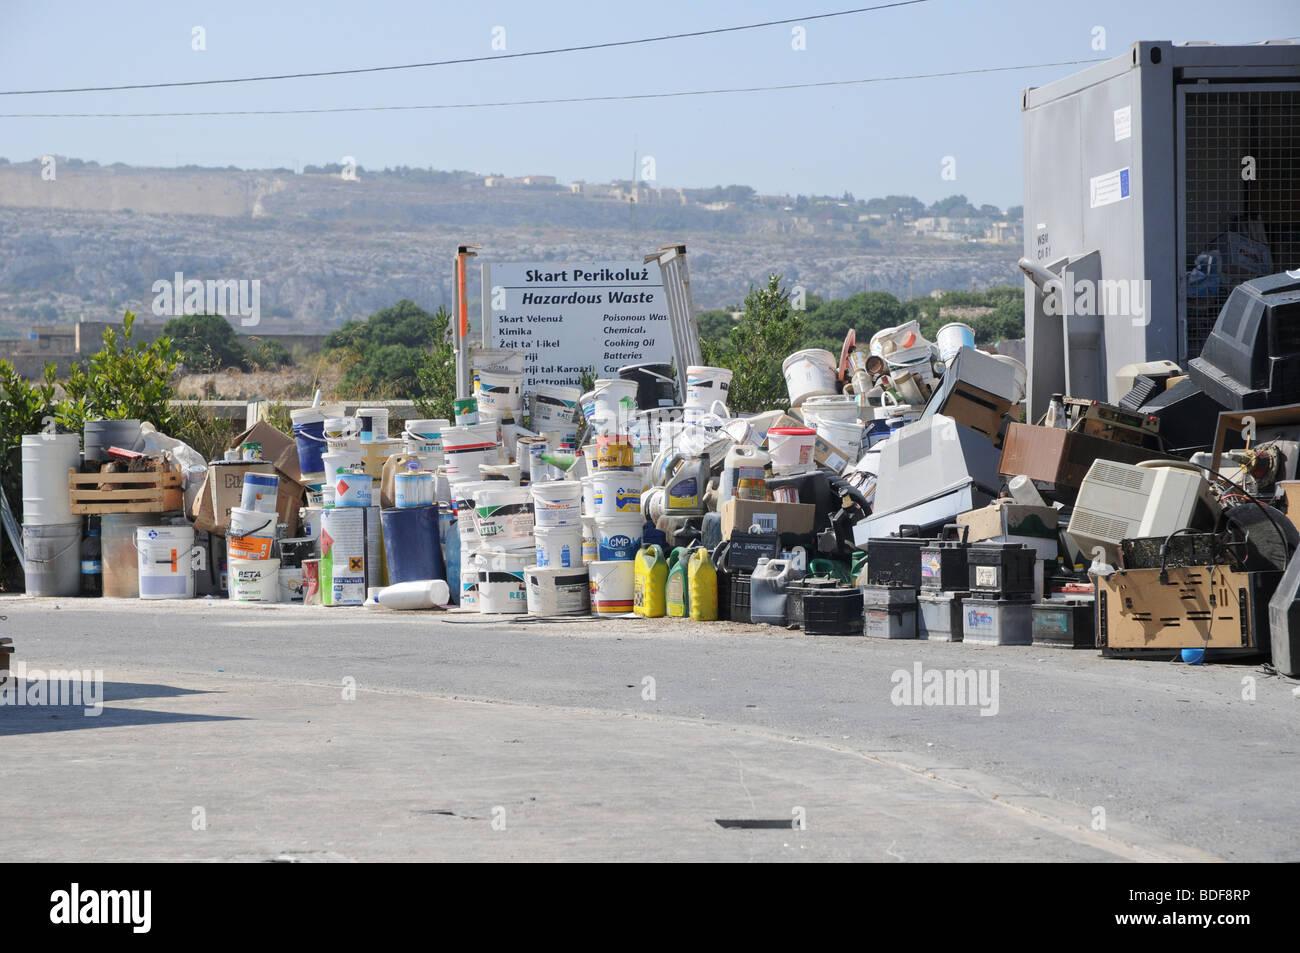 Cubos de pintura y contenedores de combustible listo para ser reciclados en una planta de gestión de residuos Imagen De Stock